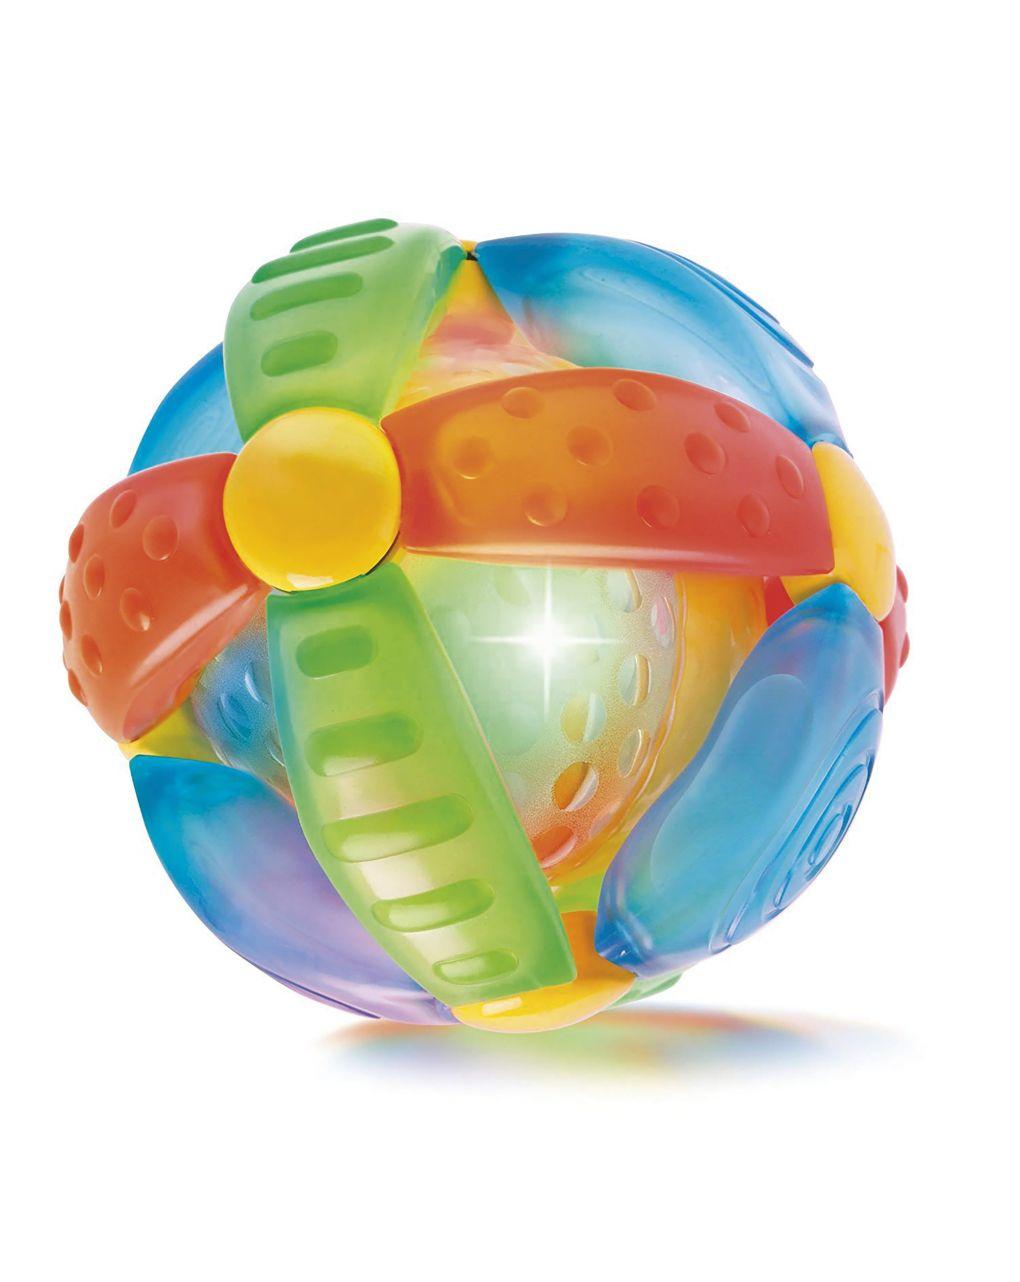 Bkids - palla con suoni e luci - B-kids